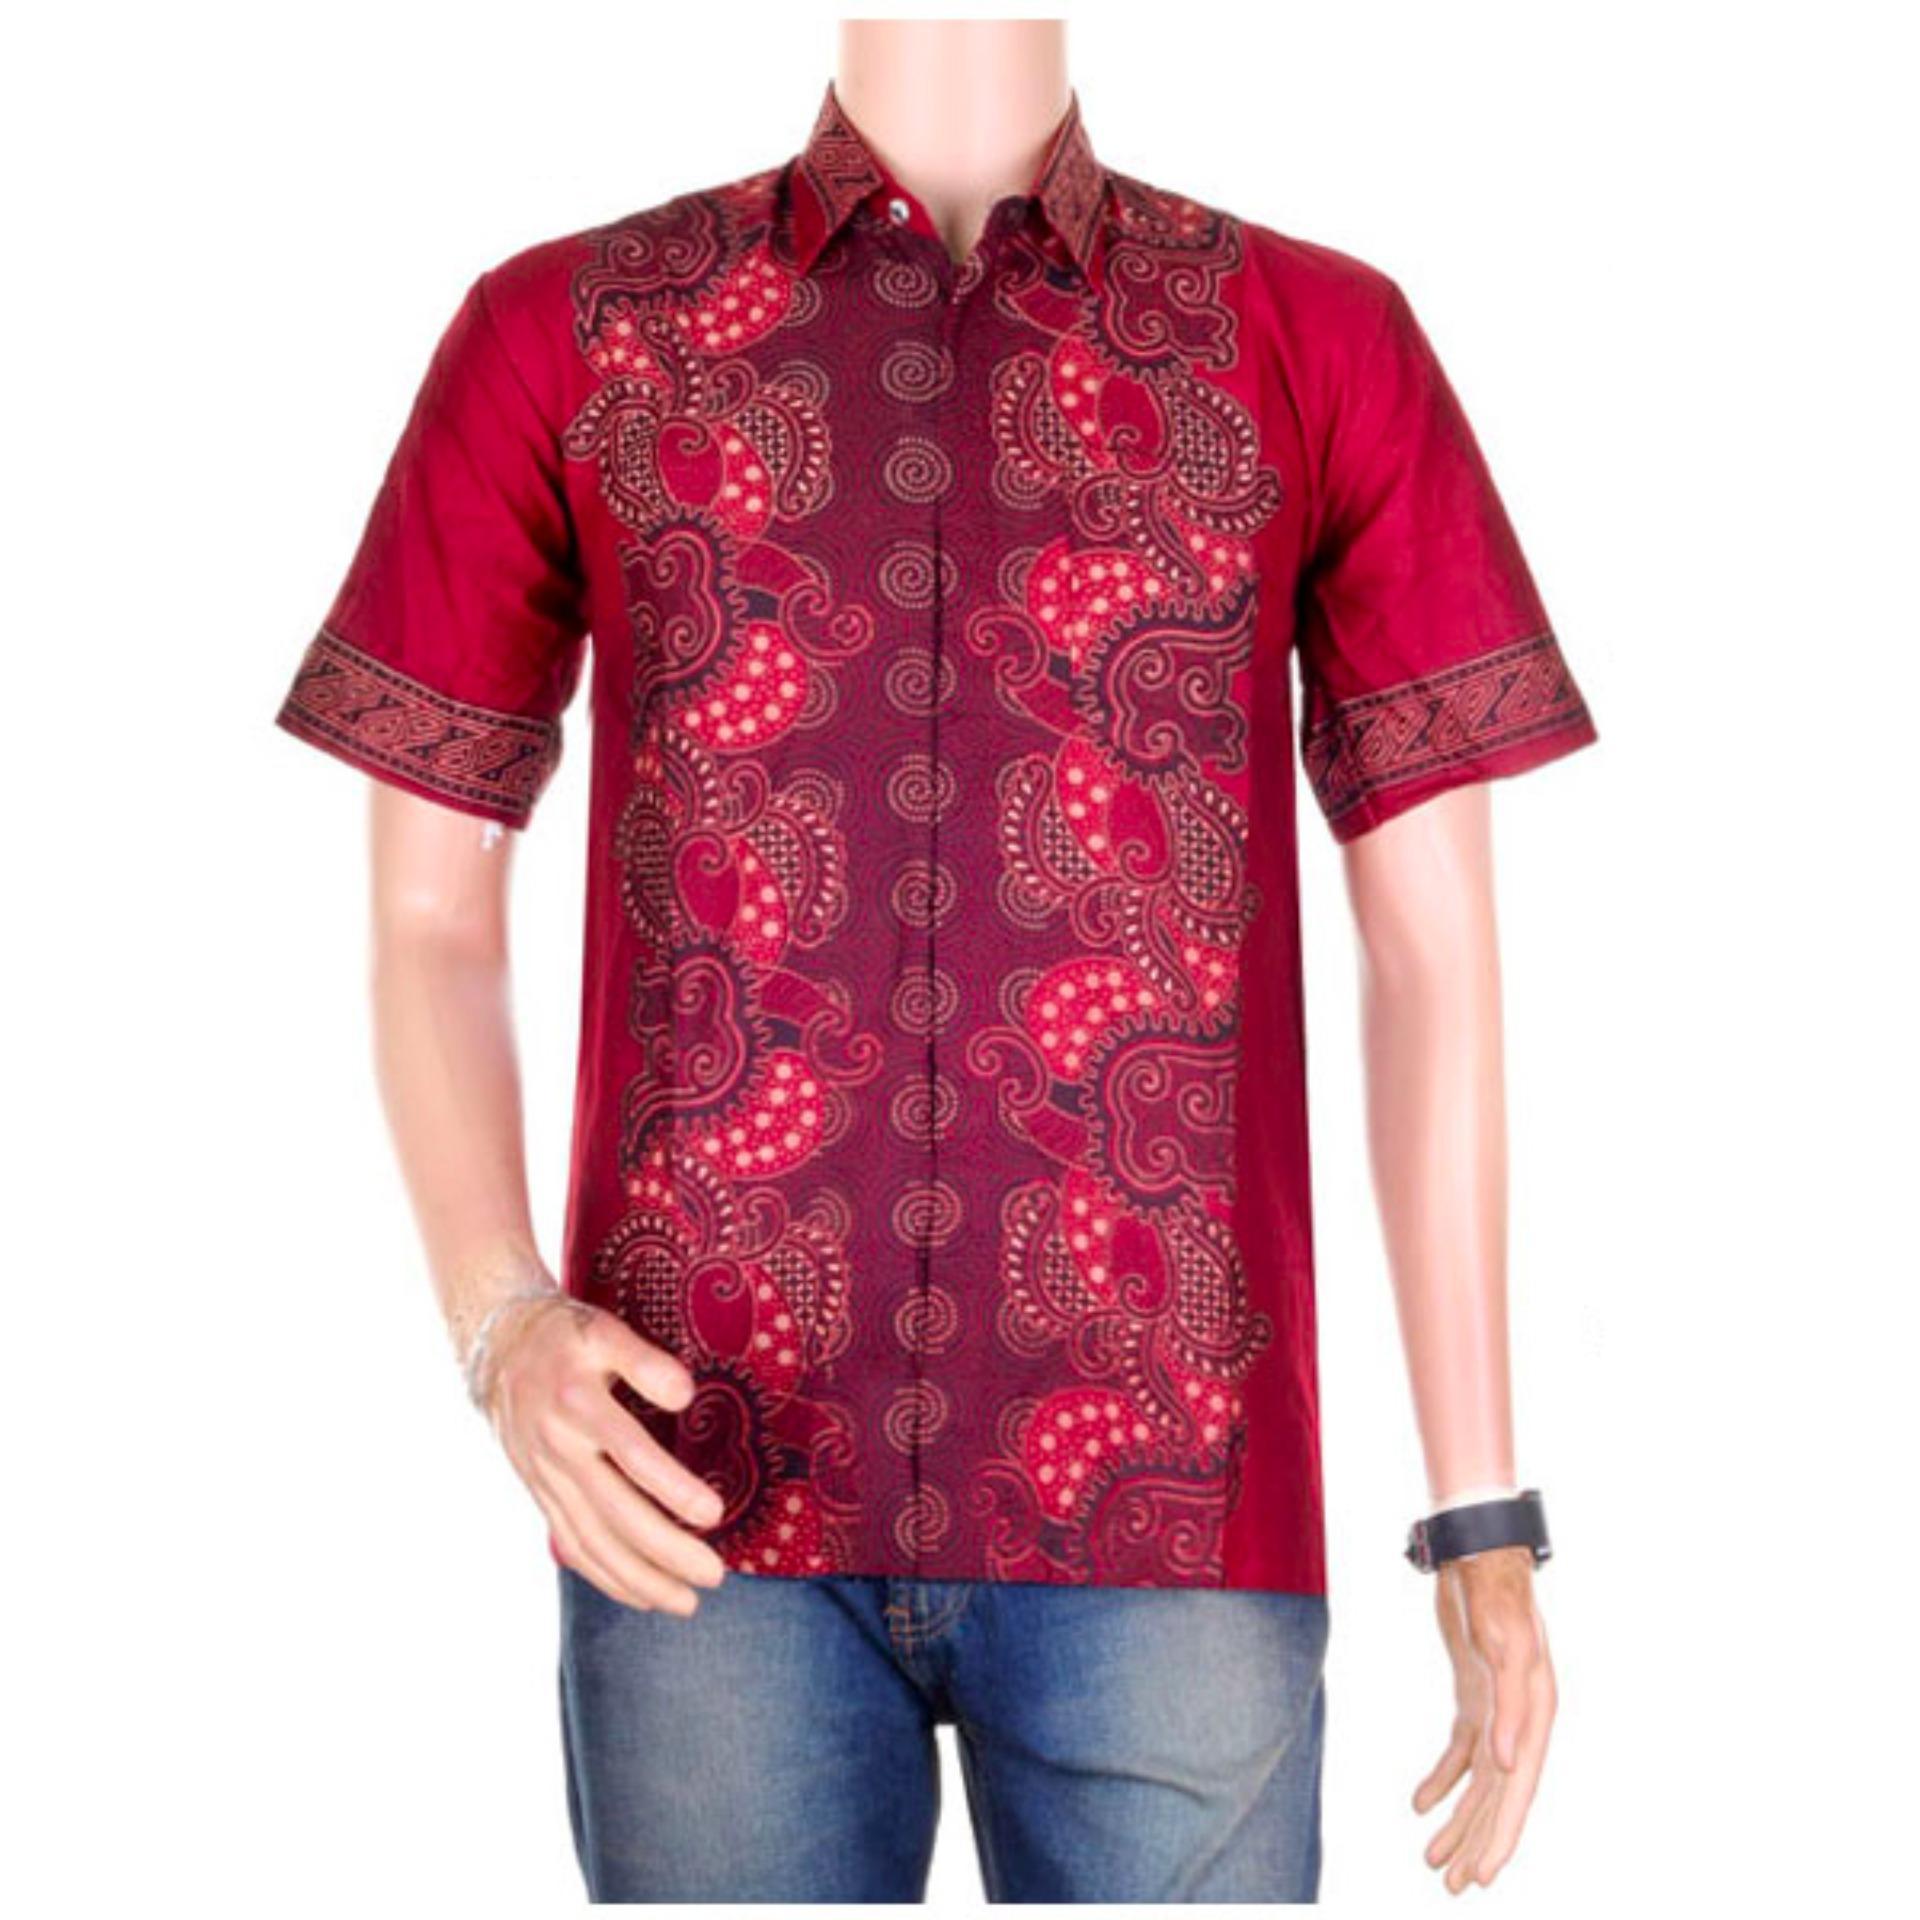 Baju Batik Casual Pria Lengan Pendek Katun Vi5 Merah Update Salt N Pepper Kemeja Snp 069 Abu Muda Xl